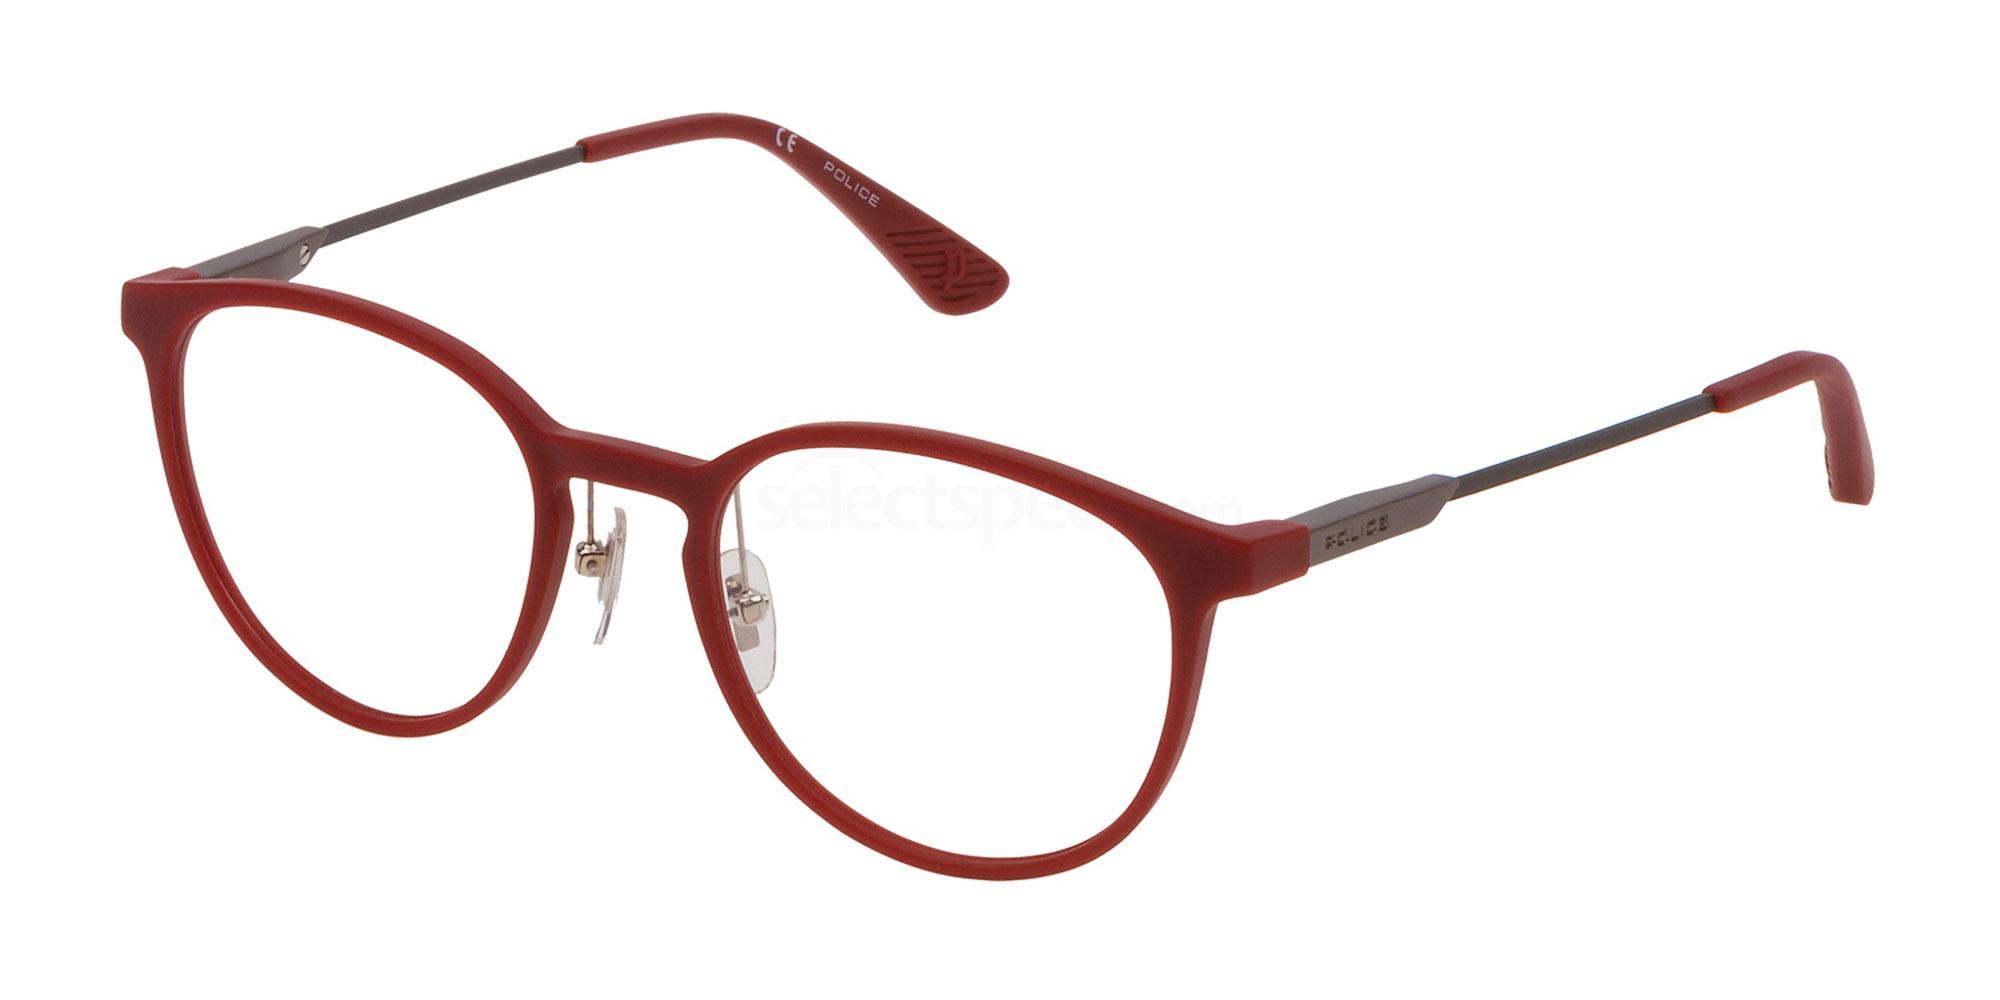 07L2 VPL695 Glasses, Police